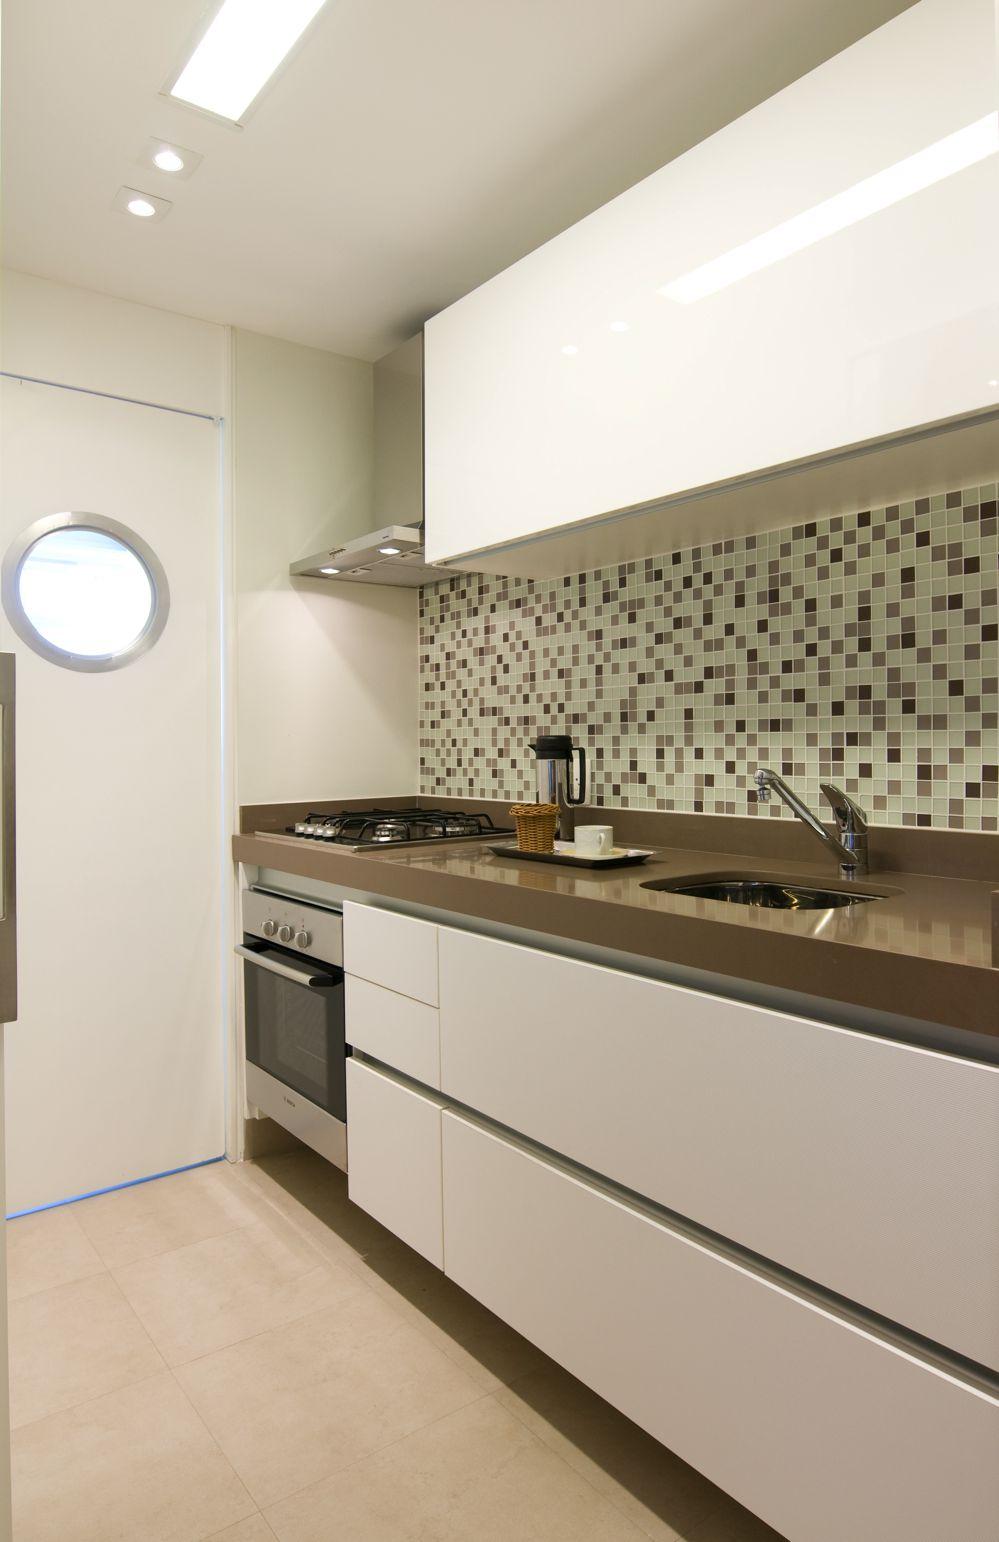 decoracao-interiores-moema-2-0001